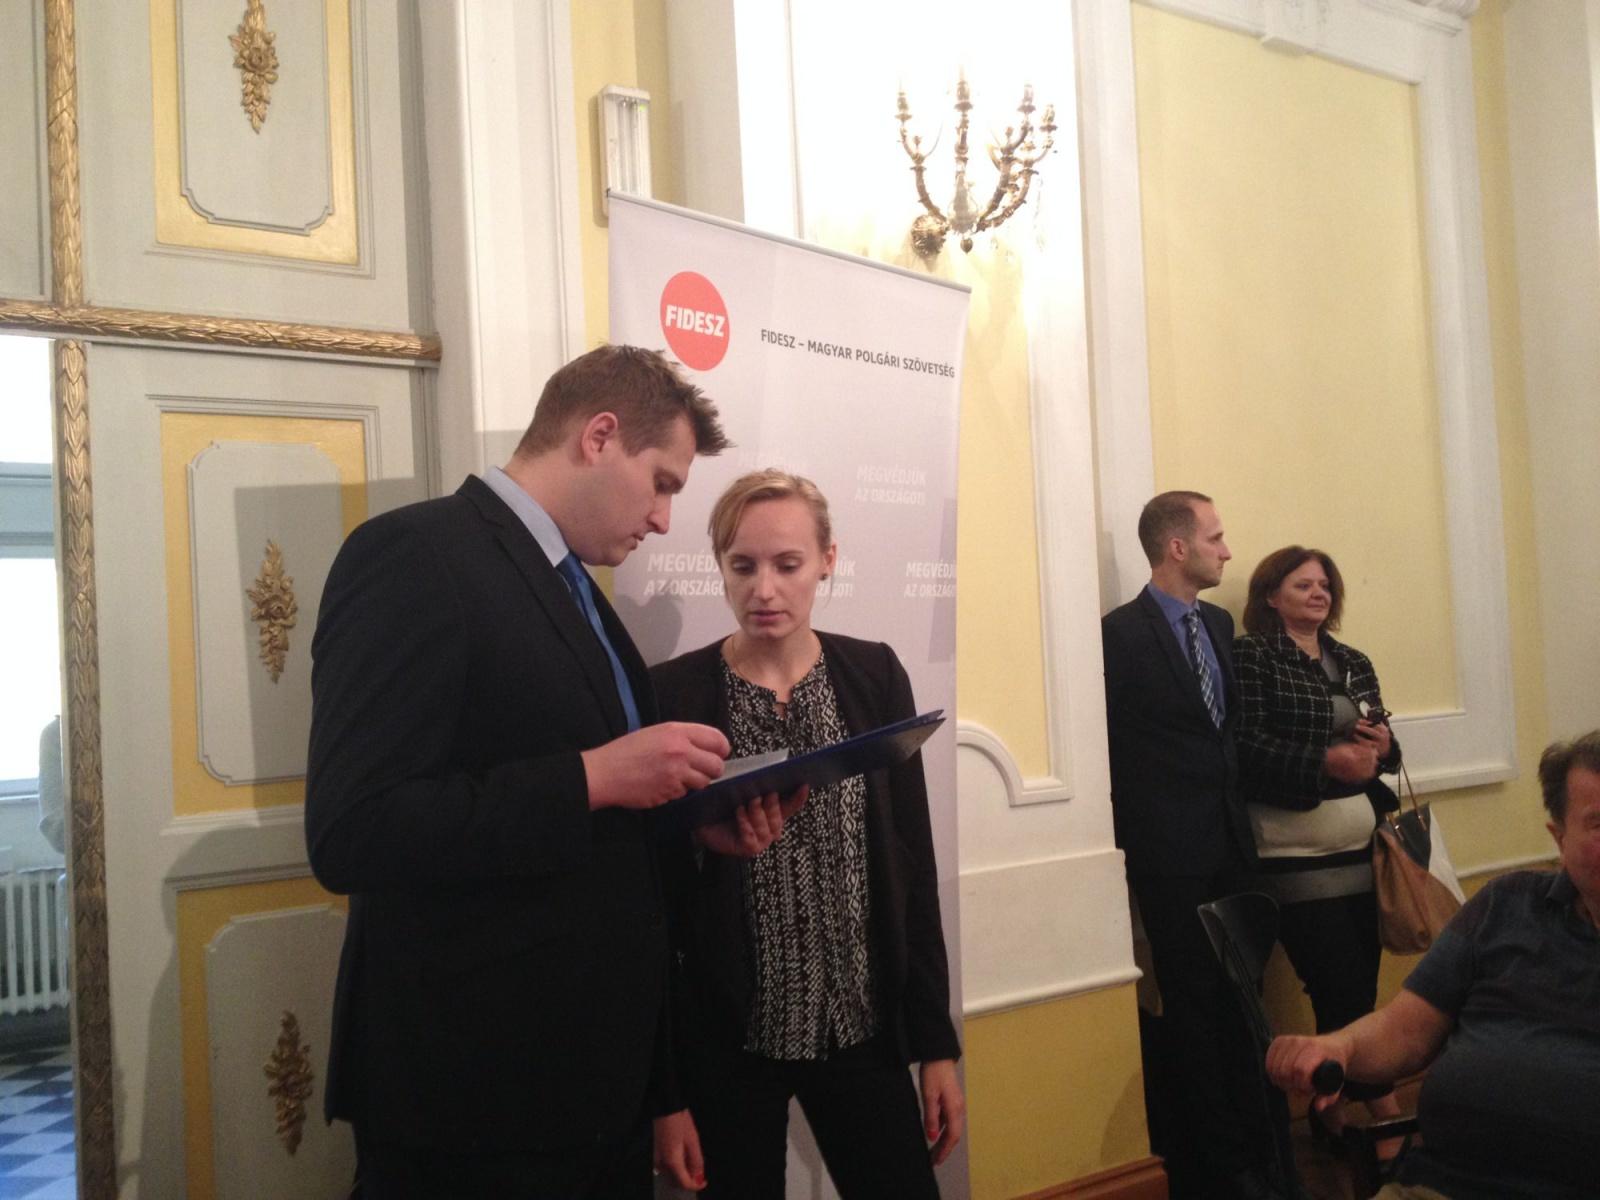 Szabó László az újbudai Fidesz tagja, az önkormányzat kabinetvezető-helyettese (fotó: 444.hu)